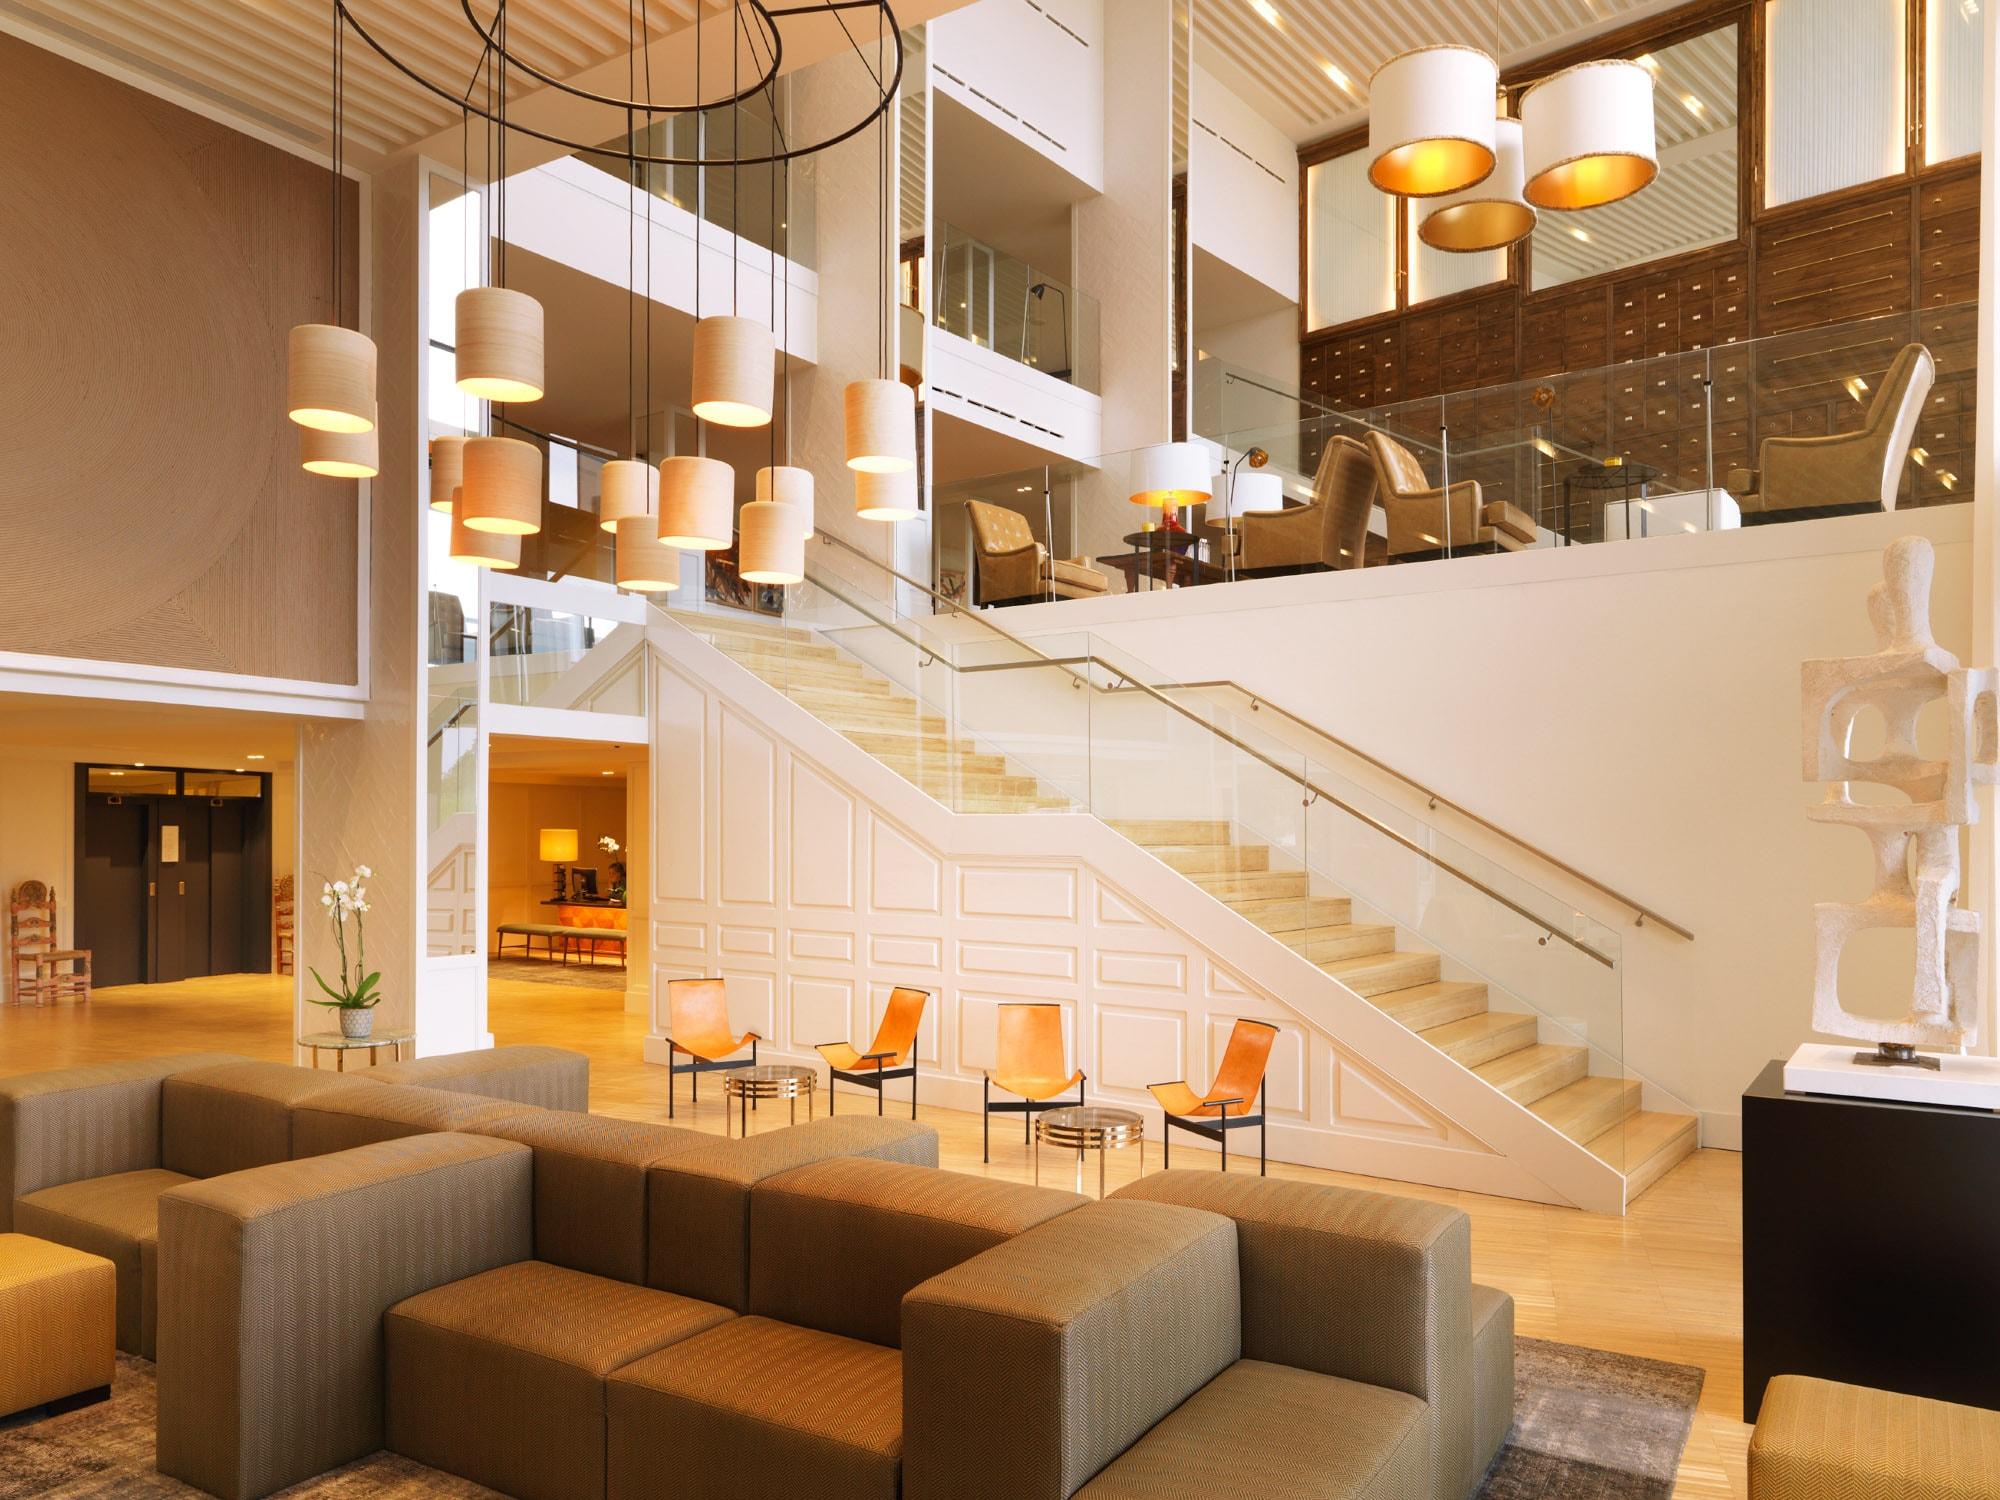 PGA Catalunya Resort: Setting für den Luxusurlaub, exklusiven Lifestyle und das Immobilien-Investment 6